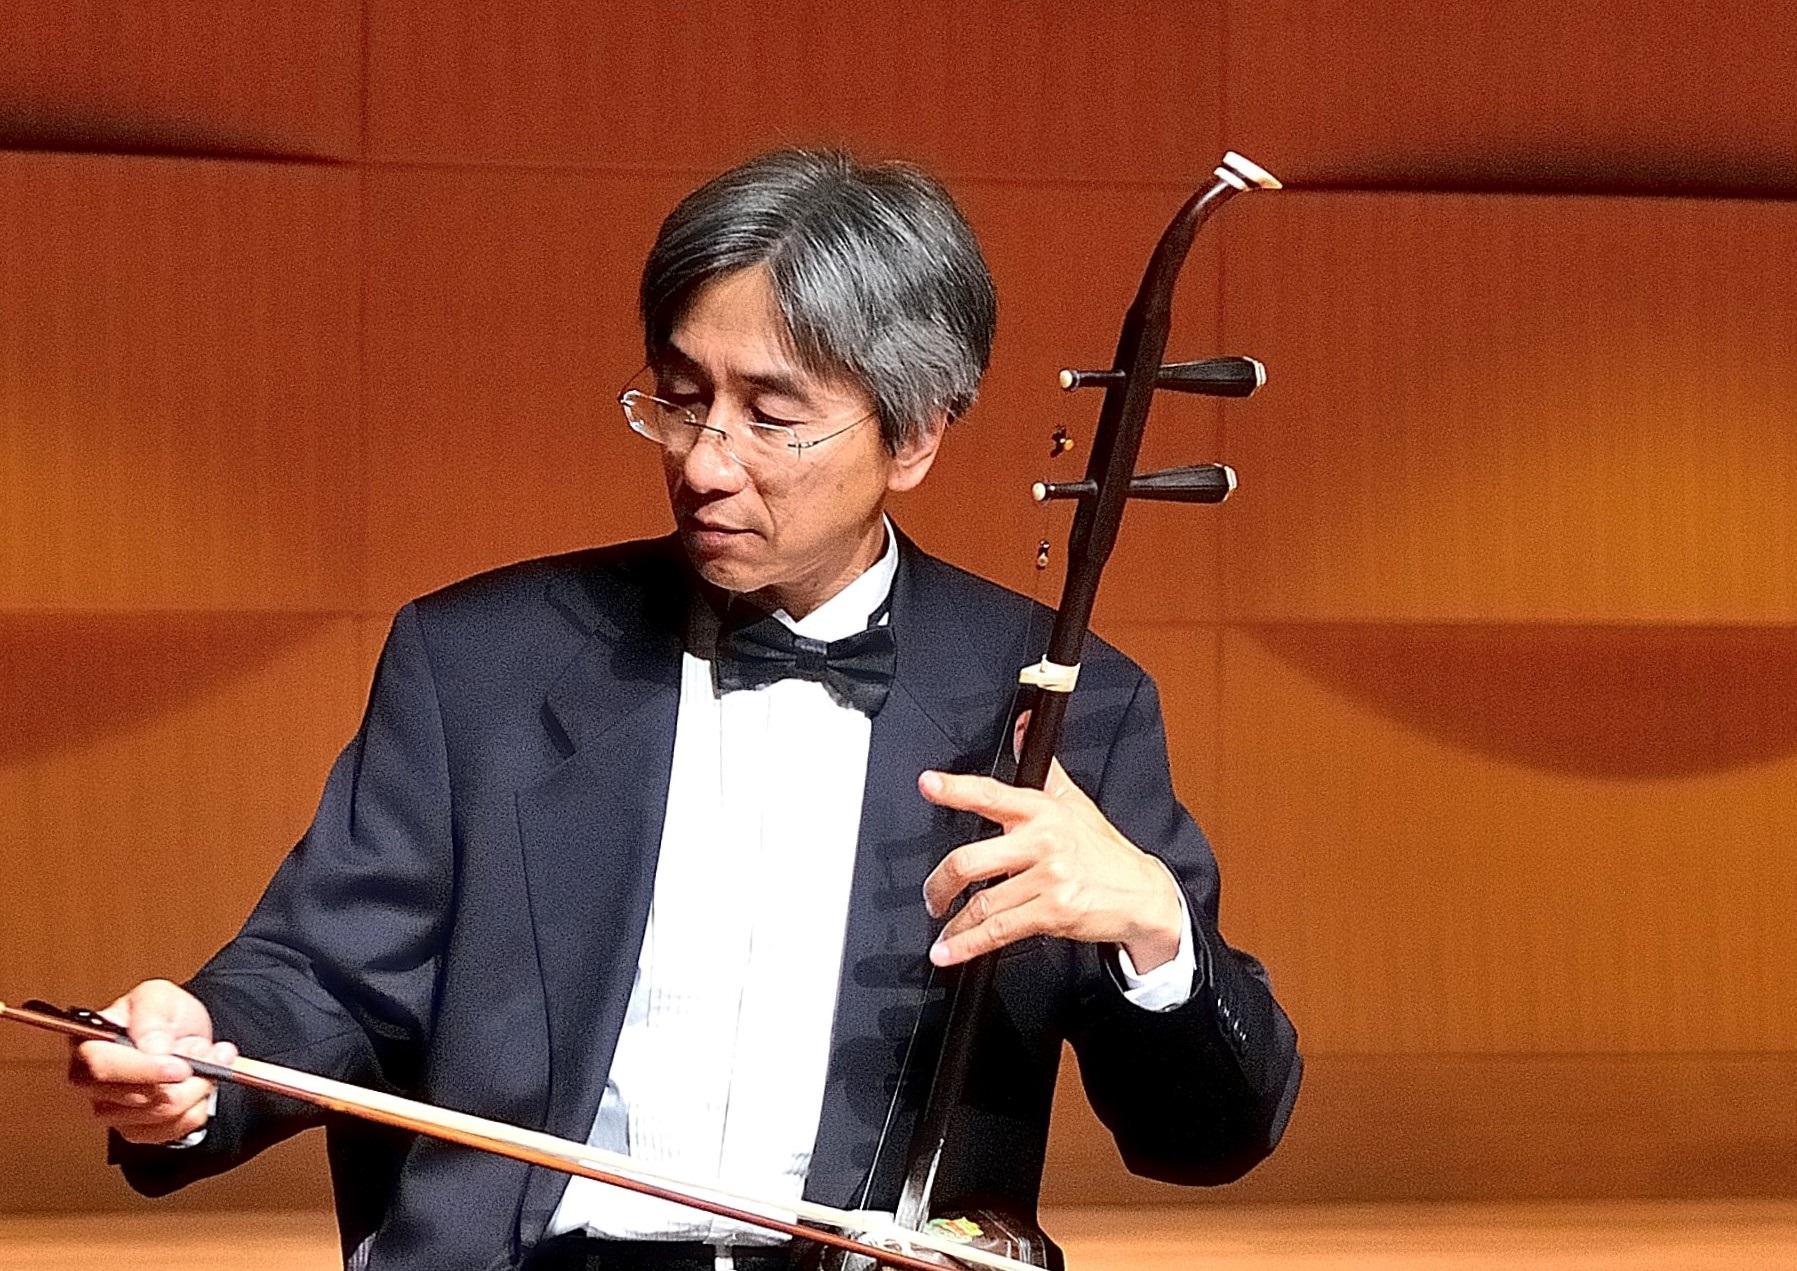 梁云河:   二胡演奏家。美国中华国乐团首席。美中华人音乐家协会执行理事。